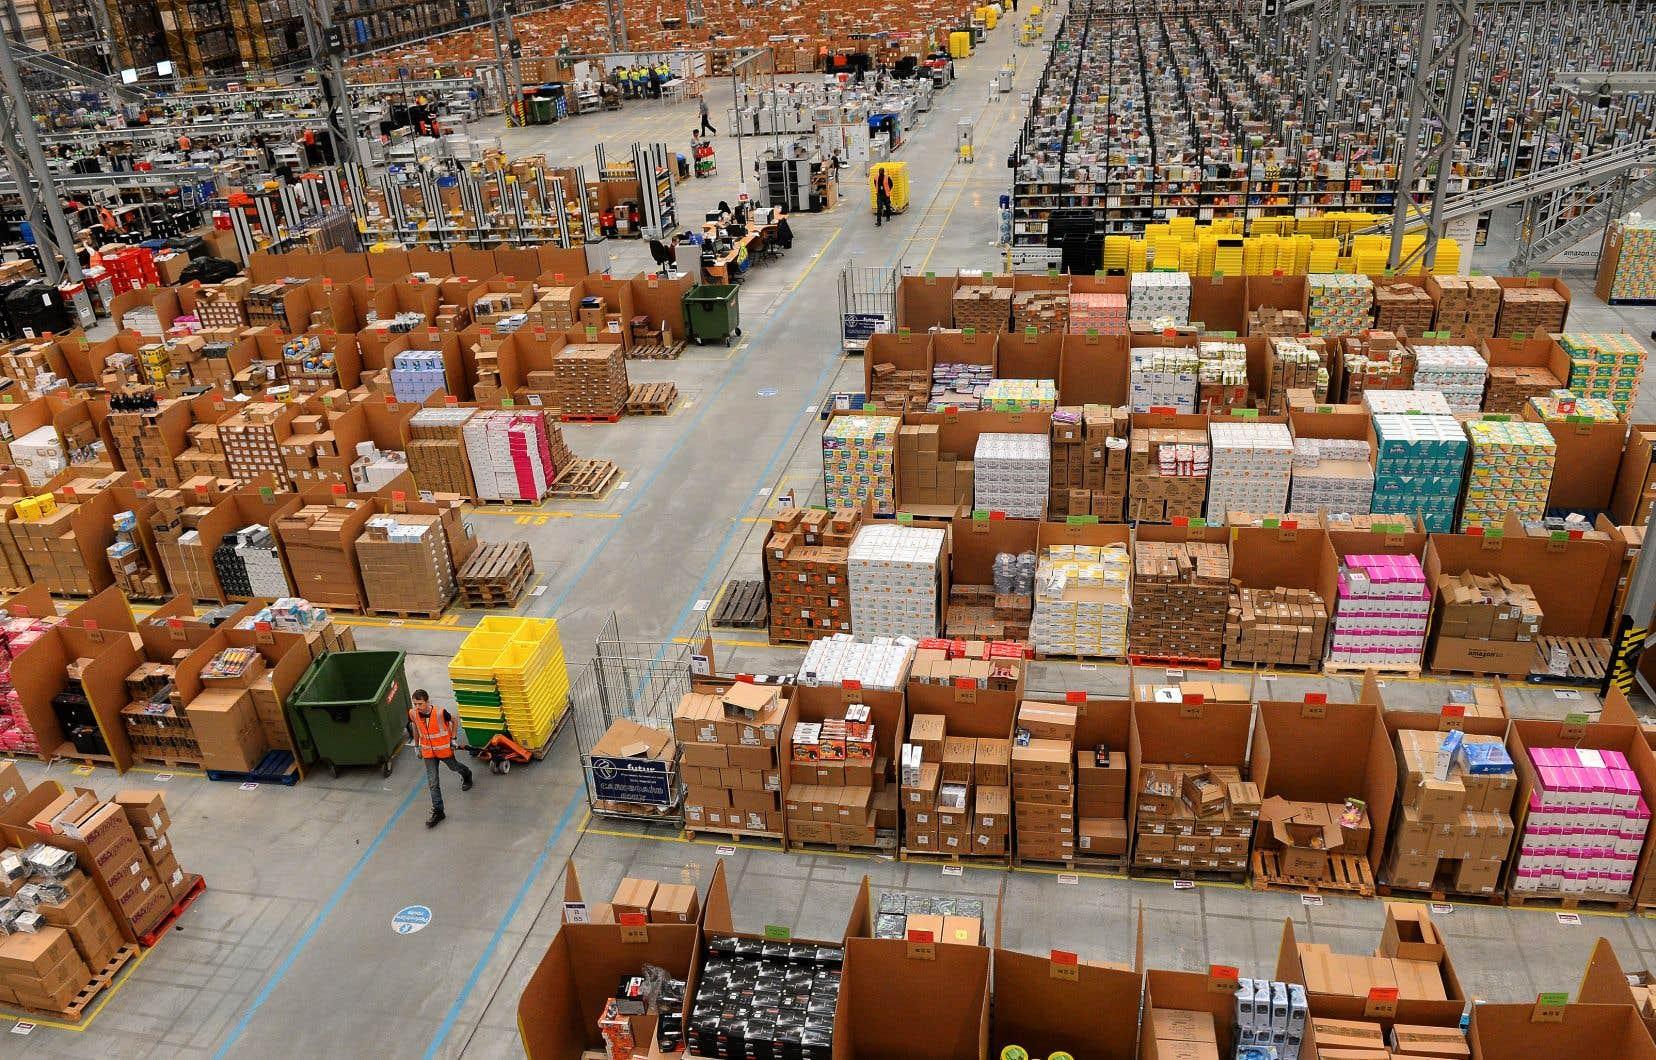 «Un objectif important poursuivi par les États-Unis dans le contexte de la renégociation de l'ALENA est d'obtenir un accès illimité au marché du commerce électronique», selon les auteurs.